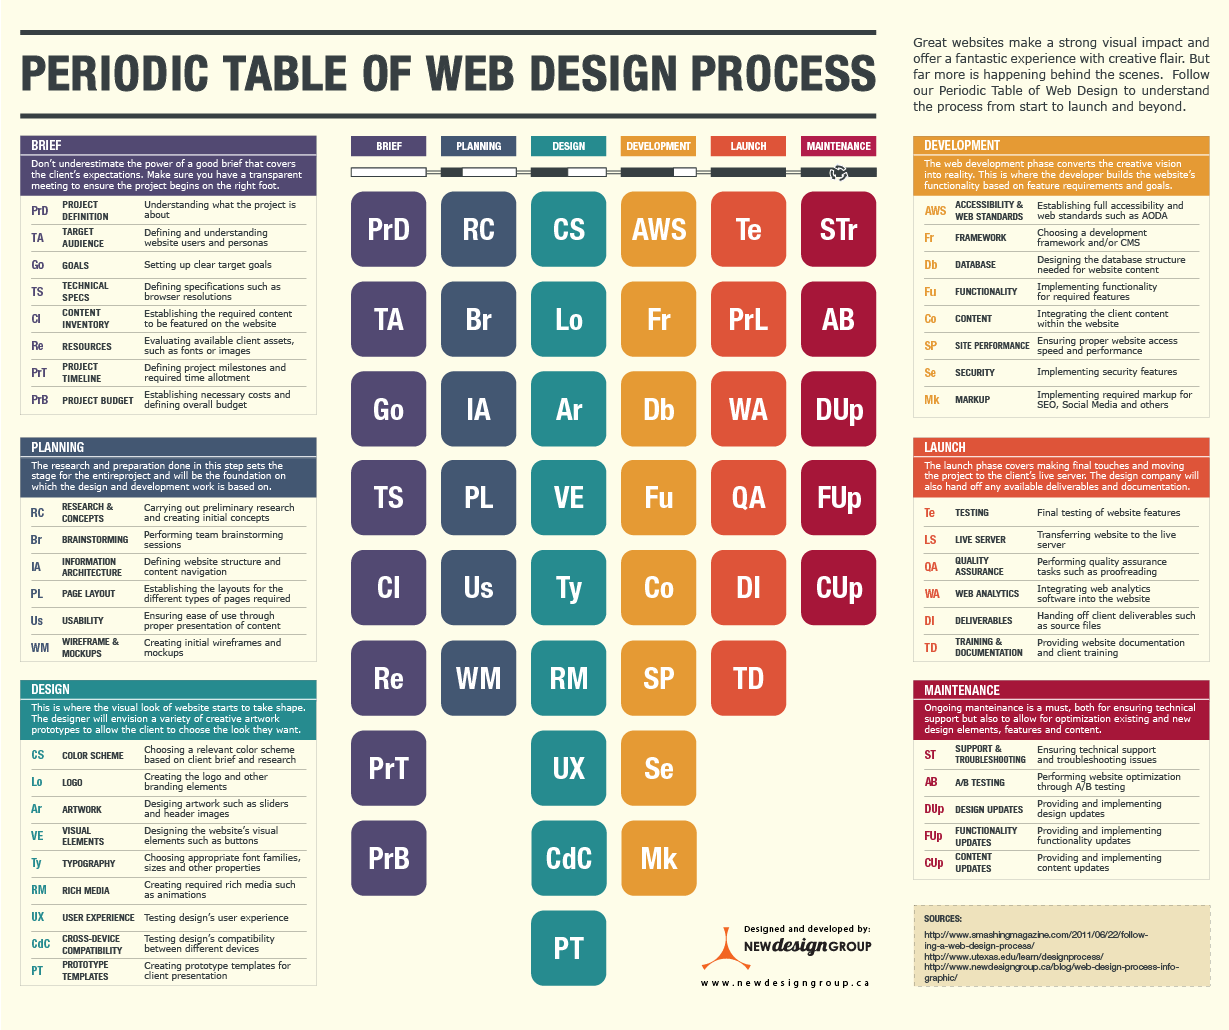 Periodická tabulka procesu tvorby webových stránek